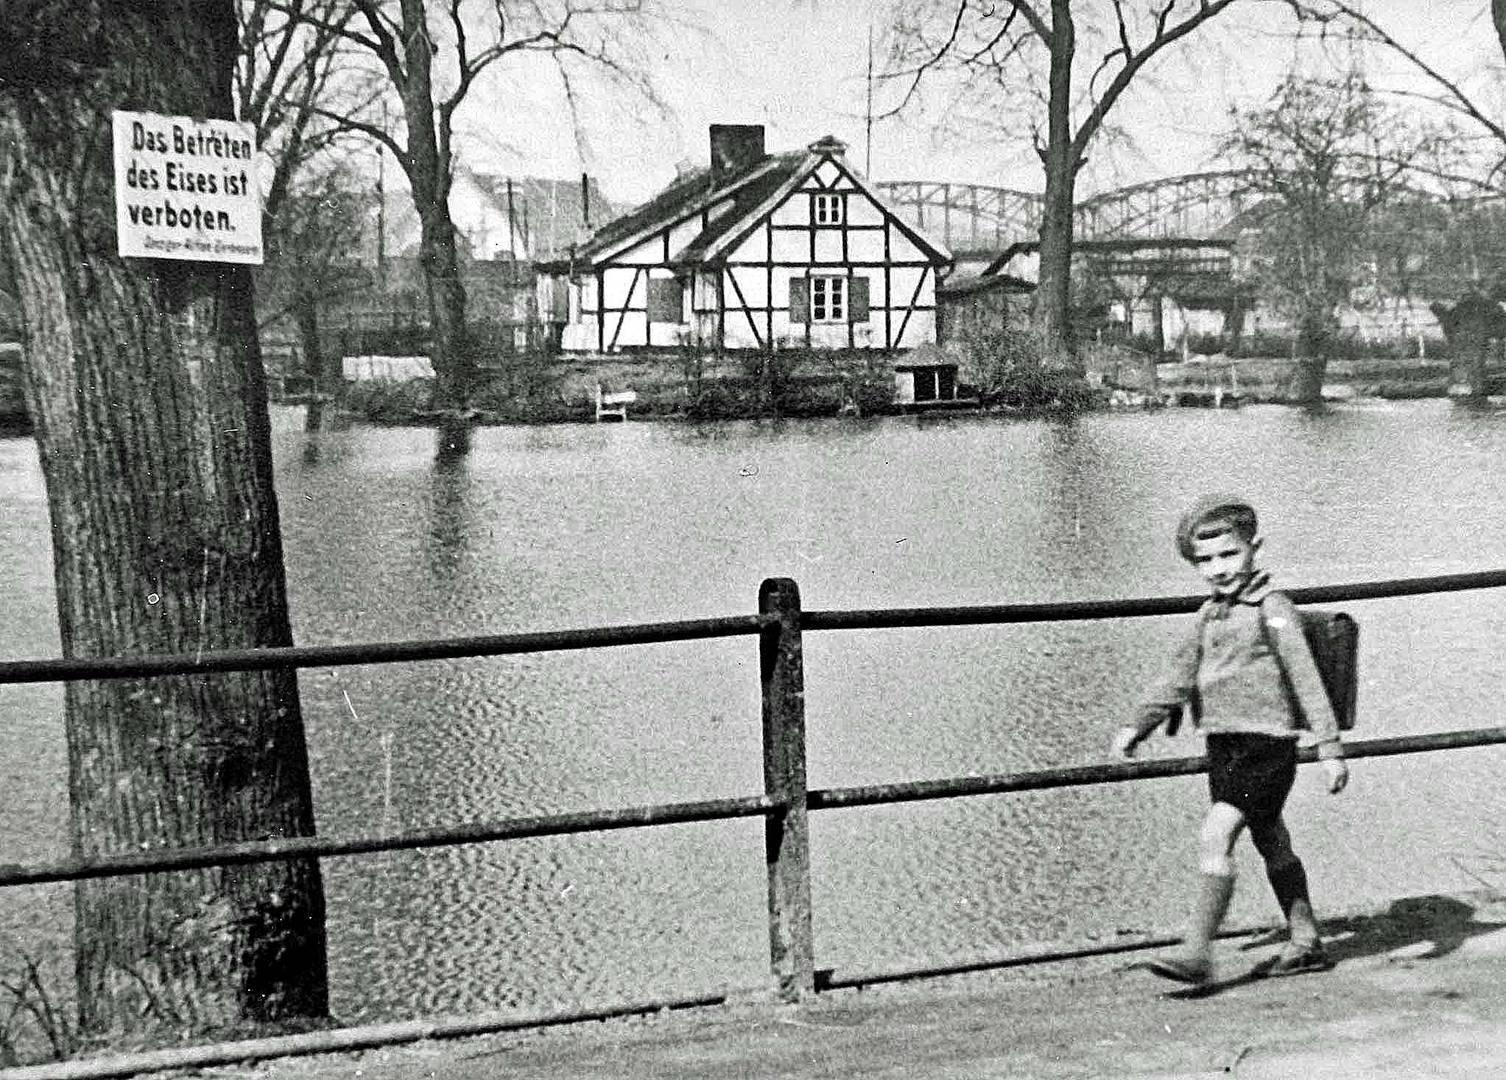 Der Kleinhammerteich in D.Langfuhr (1940)